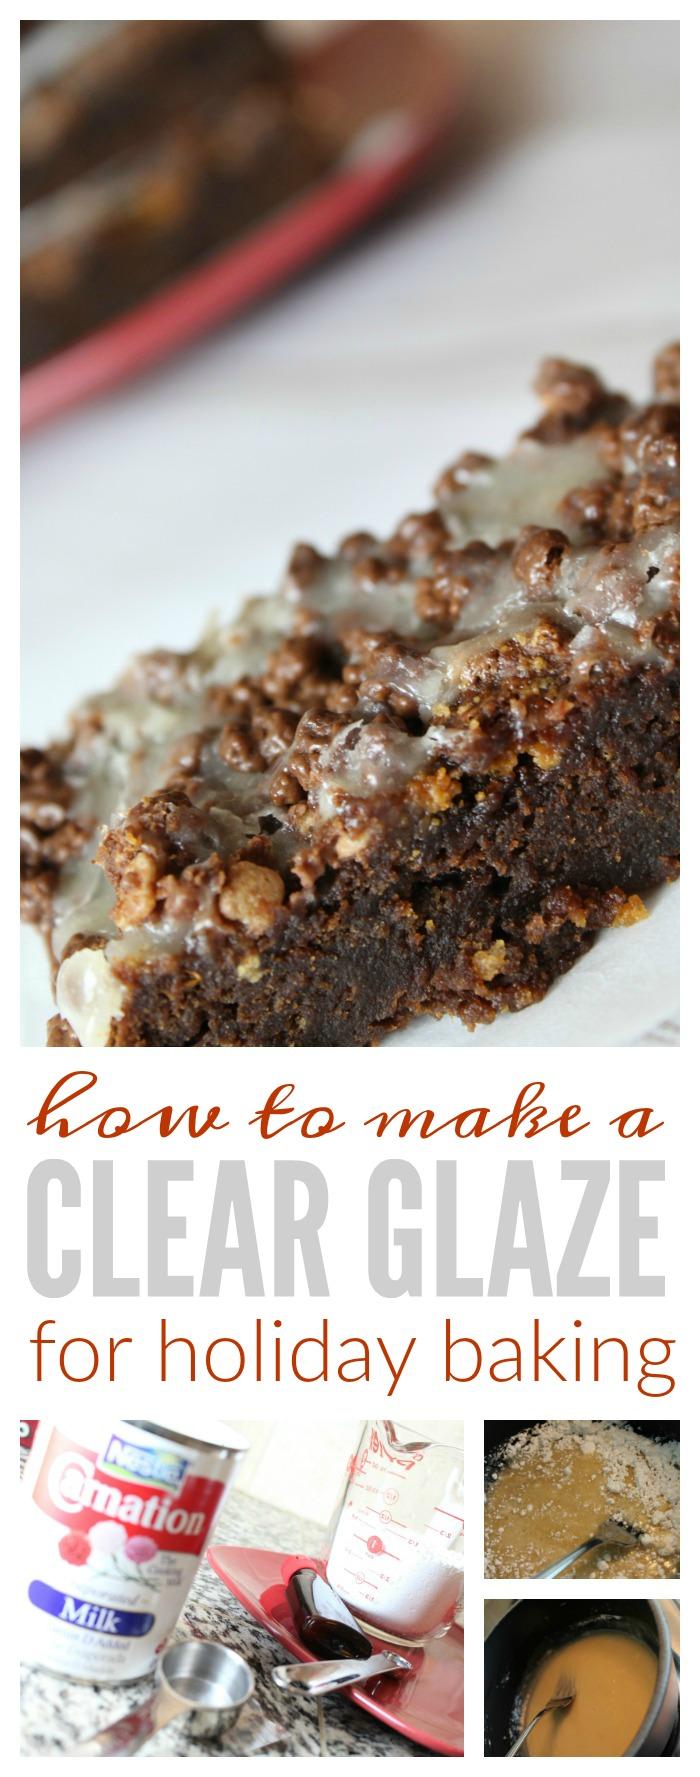 How to Make a Clear Glaze